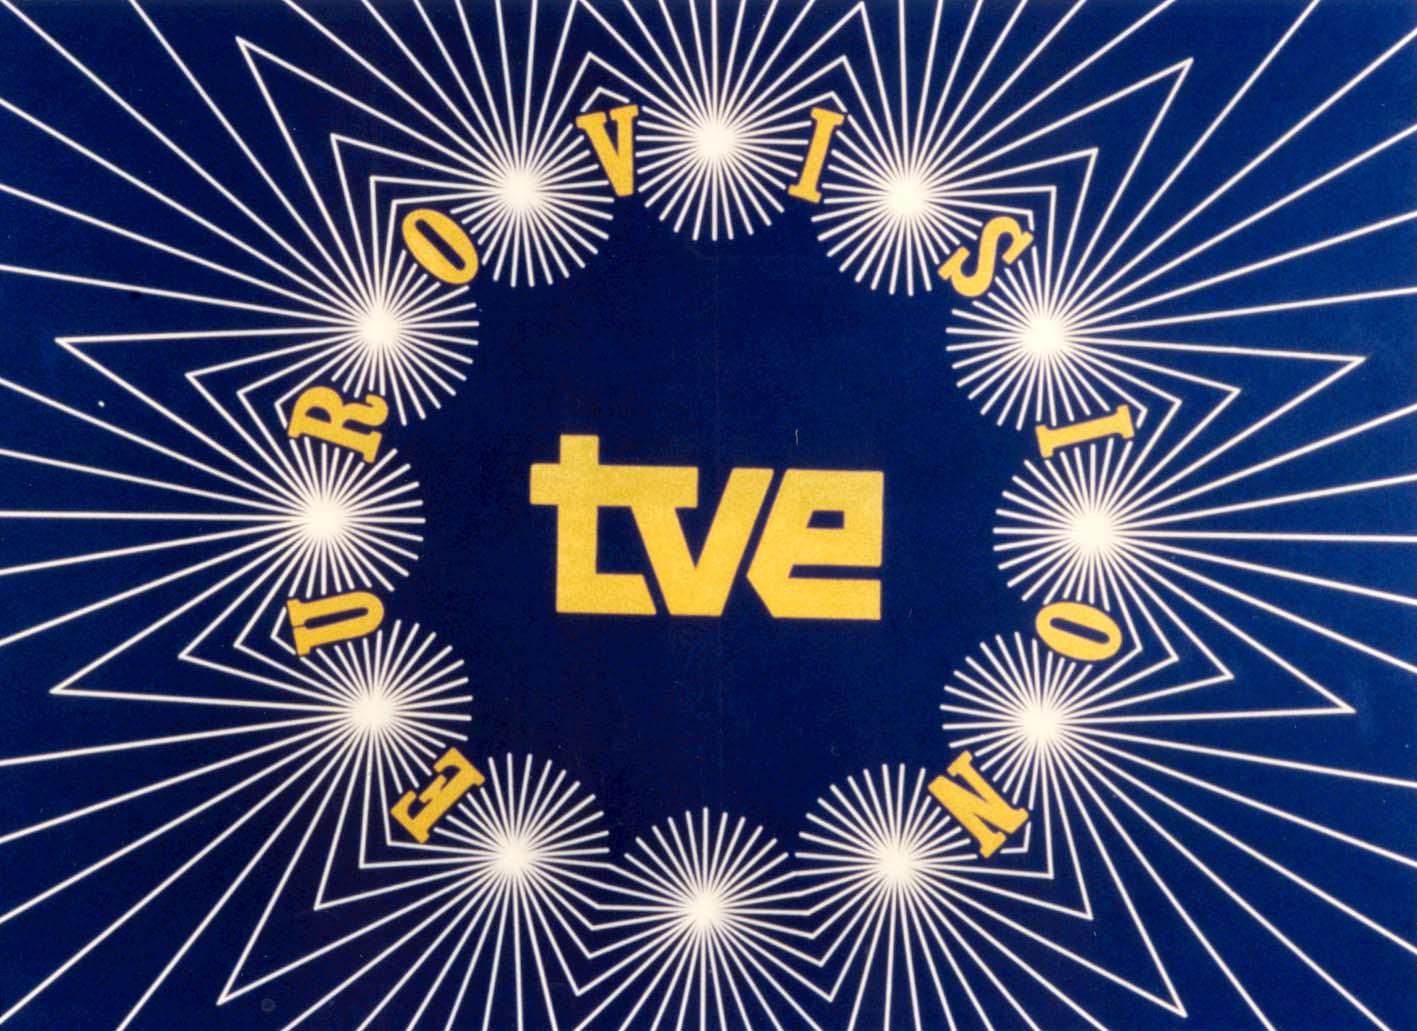 logo ESC TVE